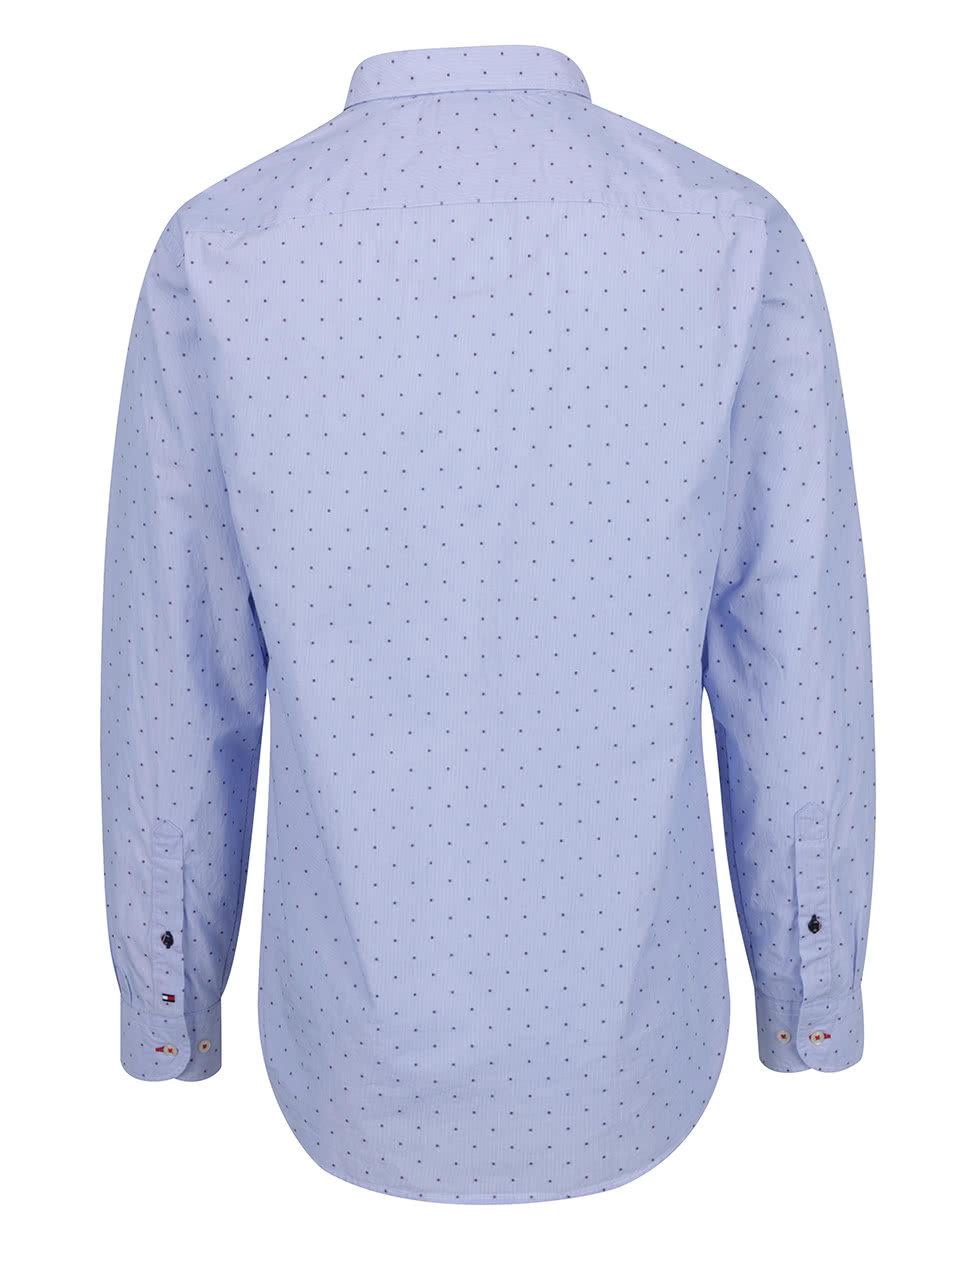 Modrá vzorovaná pánská košile Tommy Hilfiger ... 35eb97216f